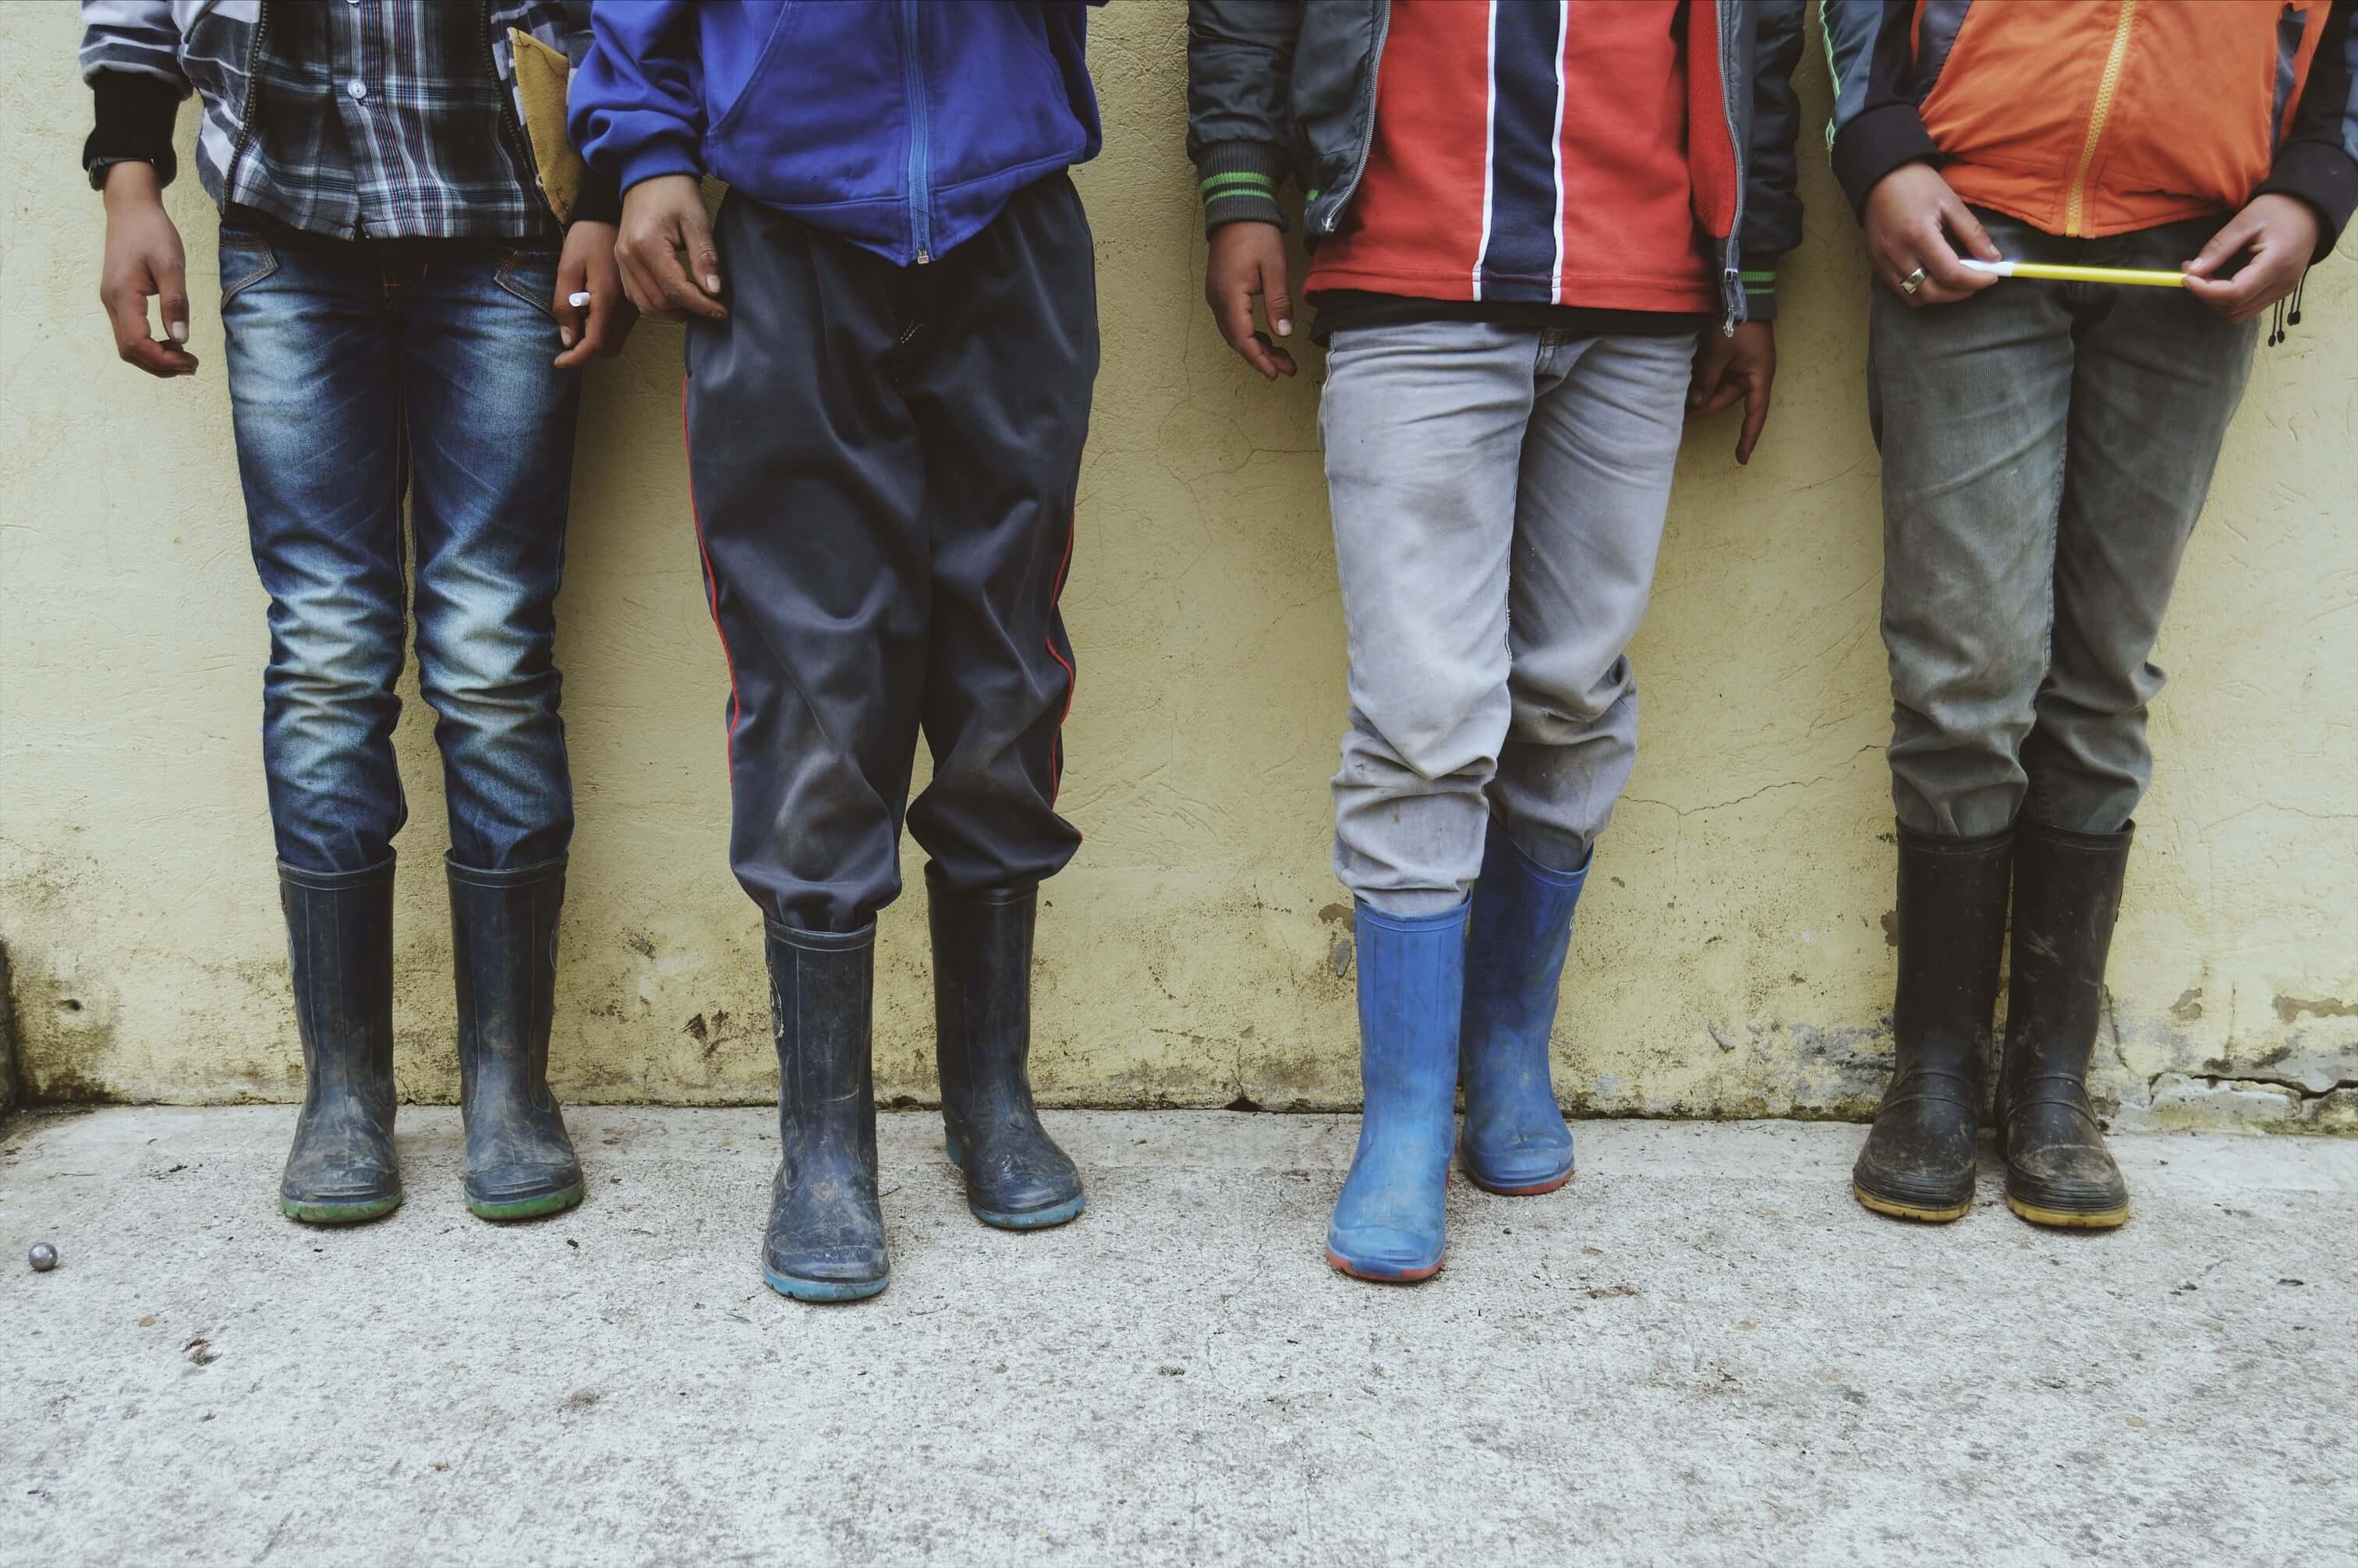 Crónica | 'Los campesinos del Sumapaz no queremos estar condenados a la pobreza'